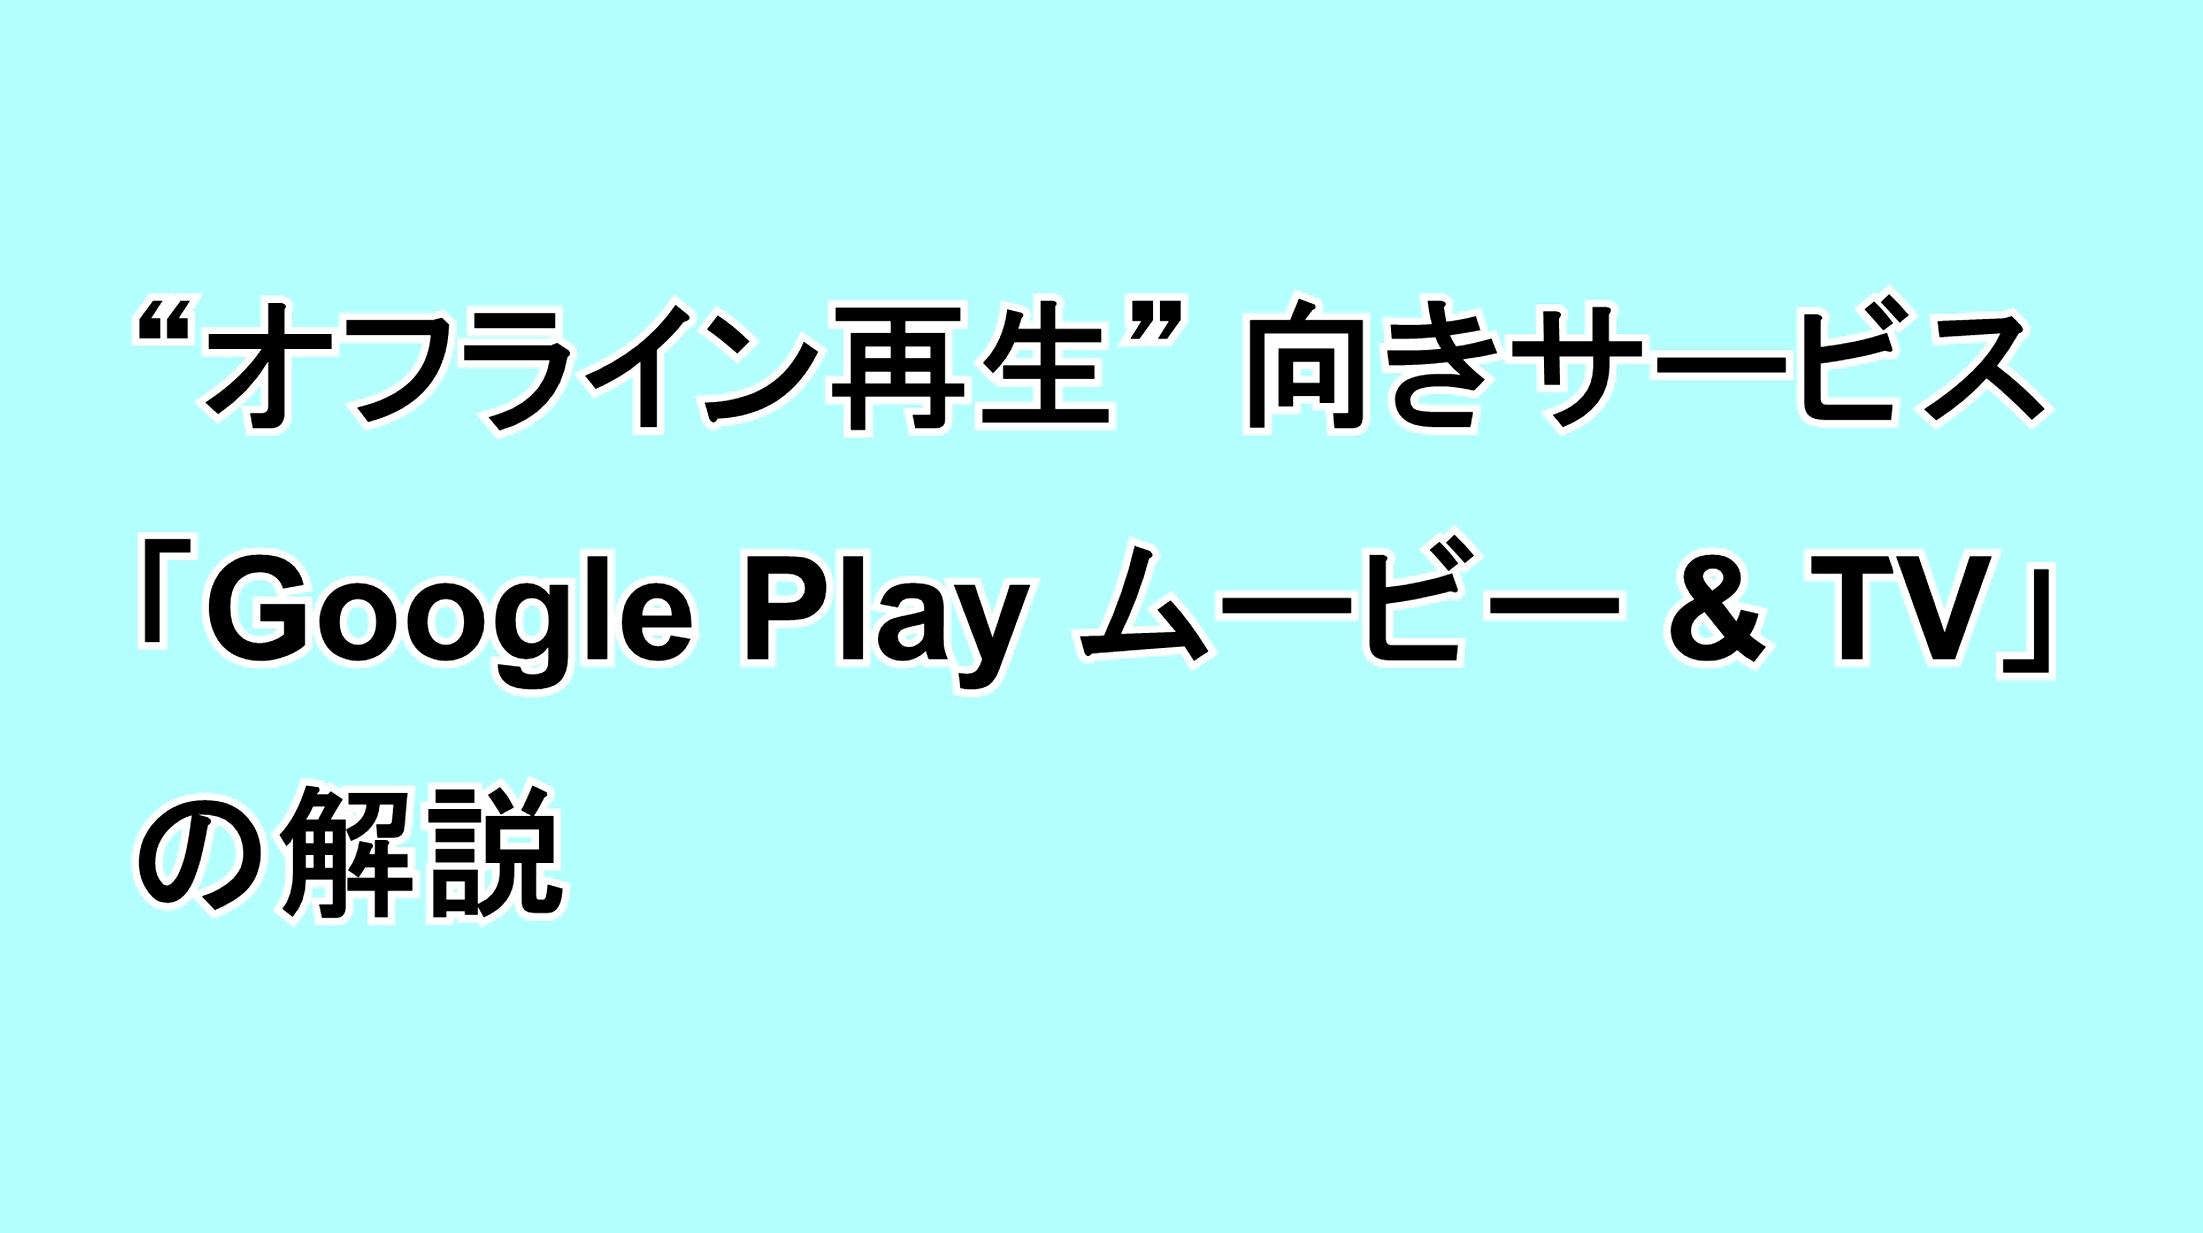 オフライン再生向きサービス「Google Play ムービー & TV」の解説